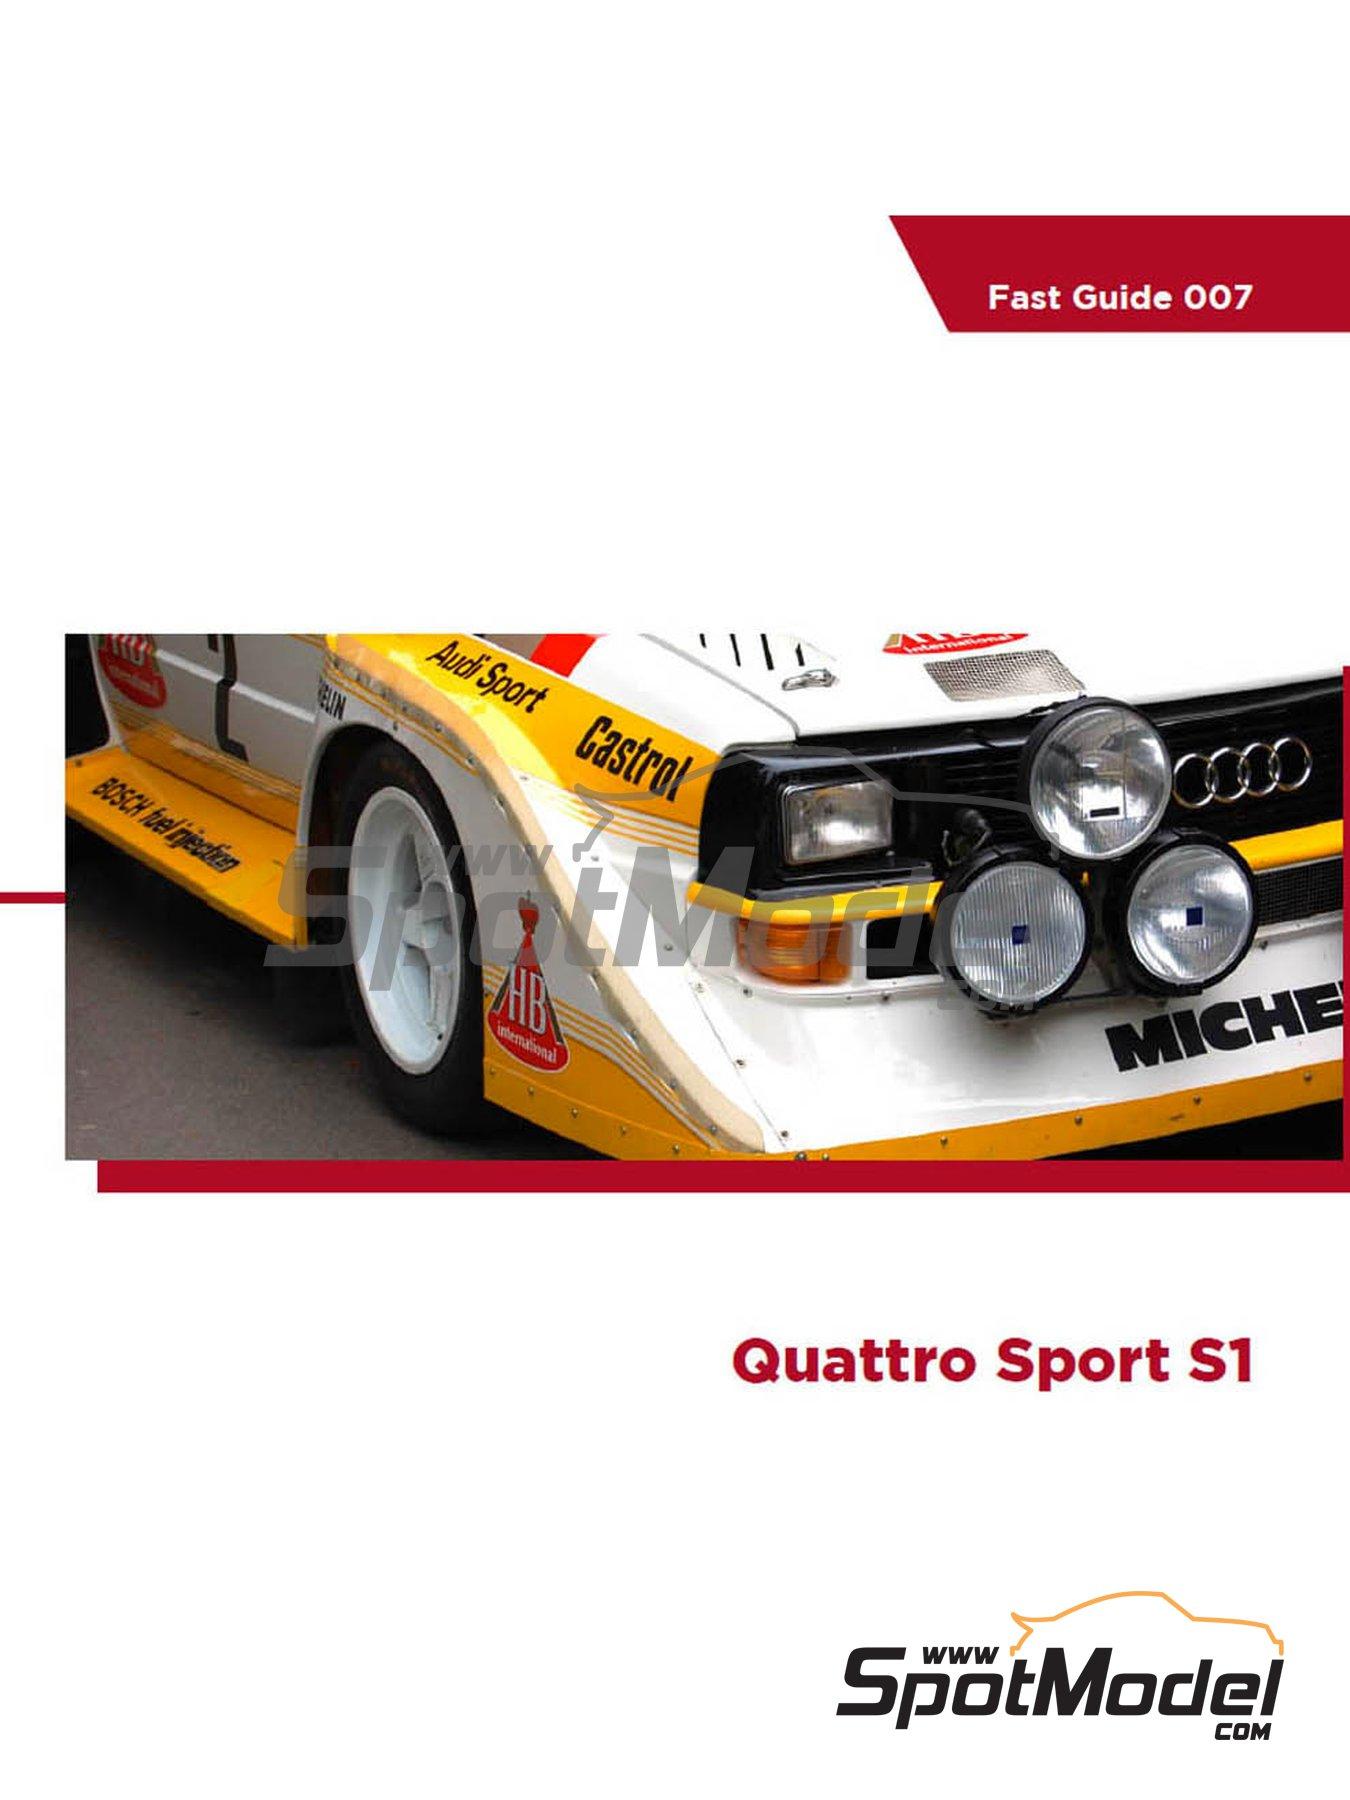 Audi Quattro Sport S1 | Libro de referencia fabricado por Komakai (ref.KOM-FG007) image